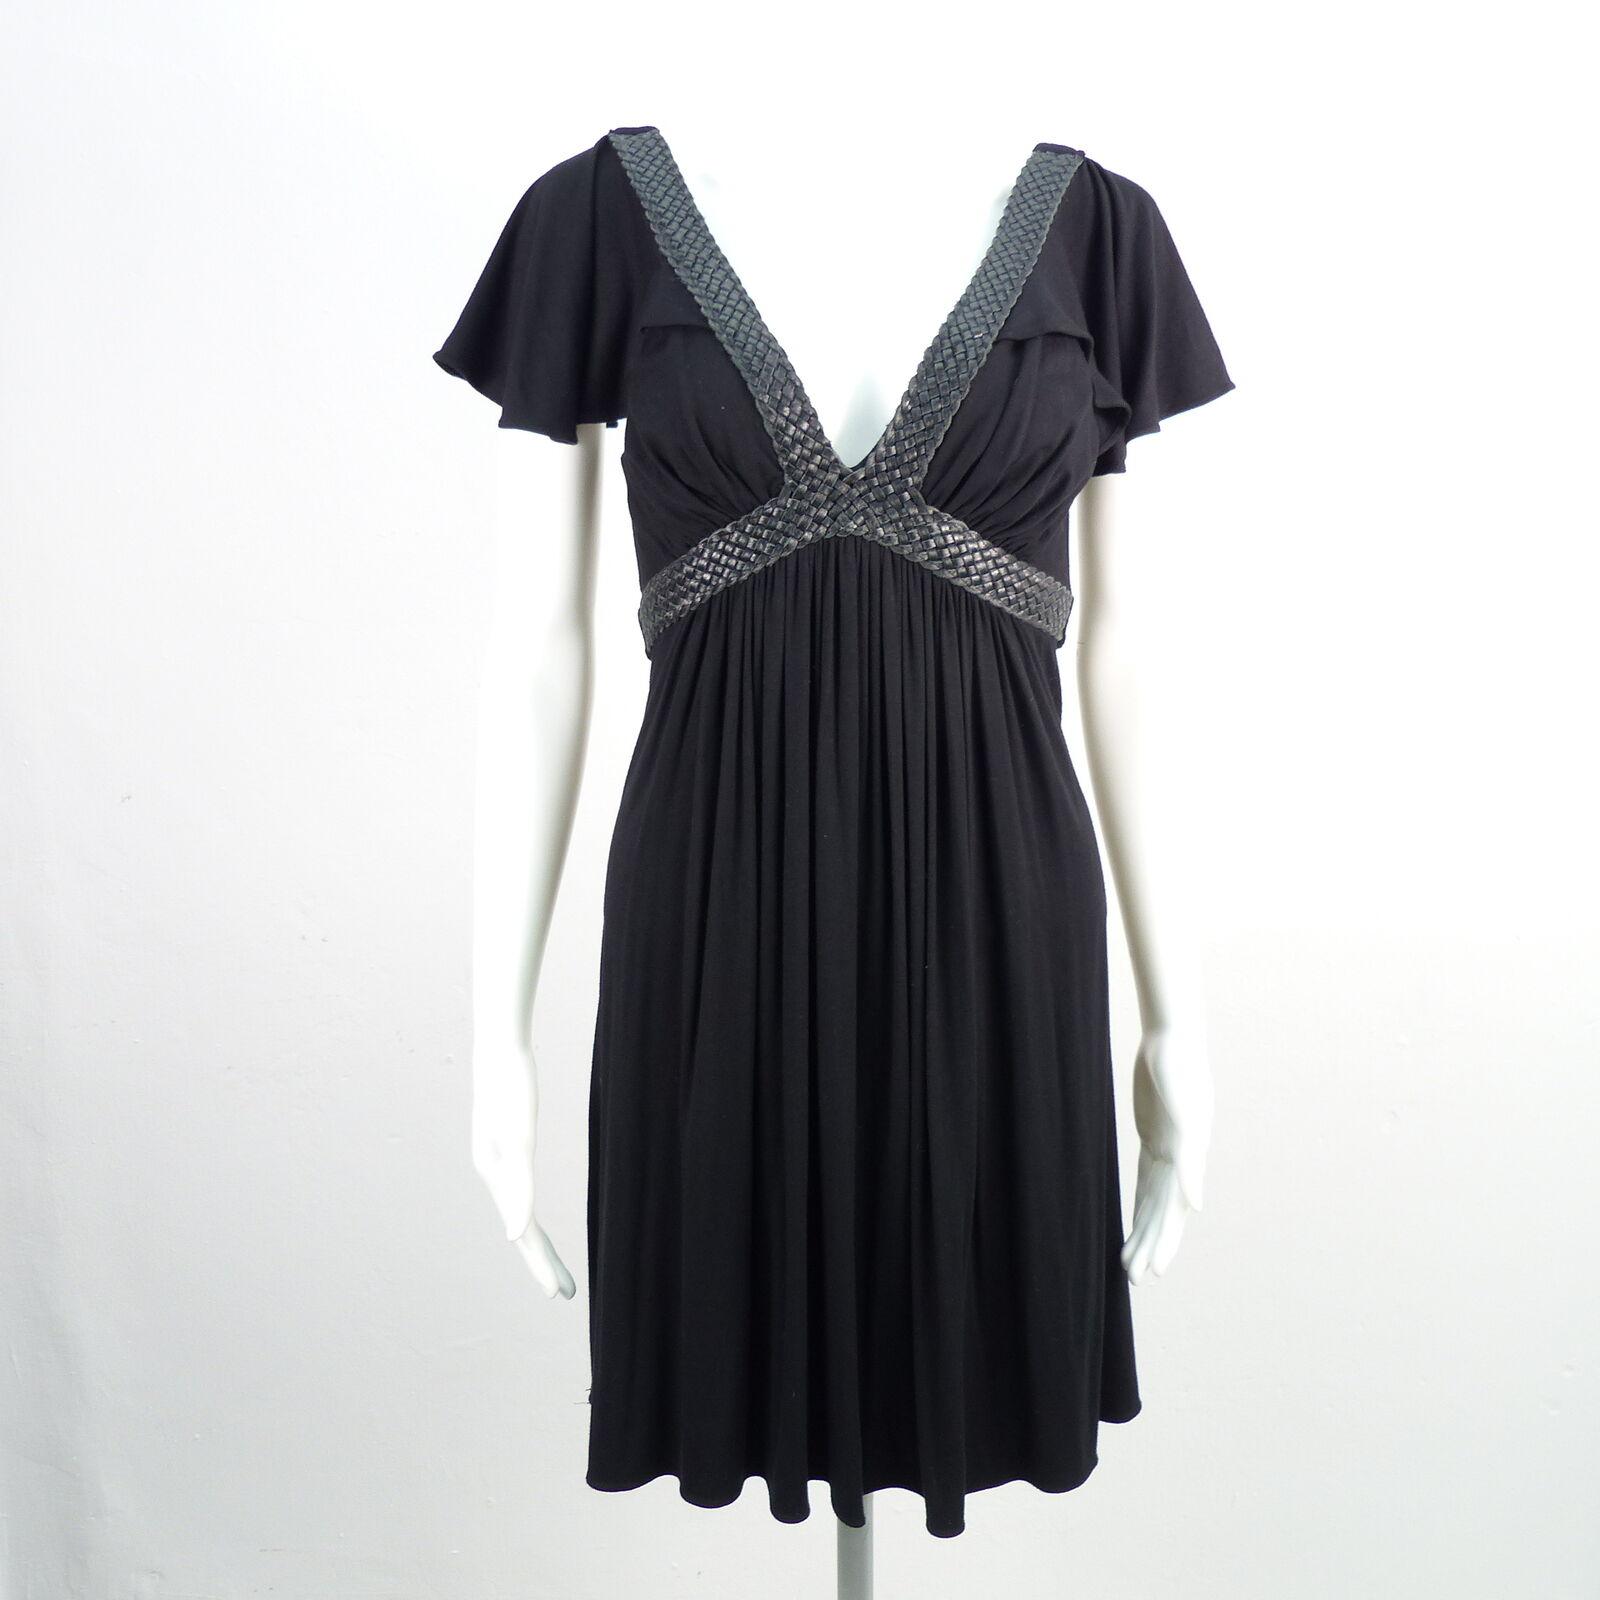 SKY Kleid Damen Gr. M Schwarz Dress Robe Kurzarm